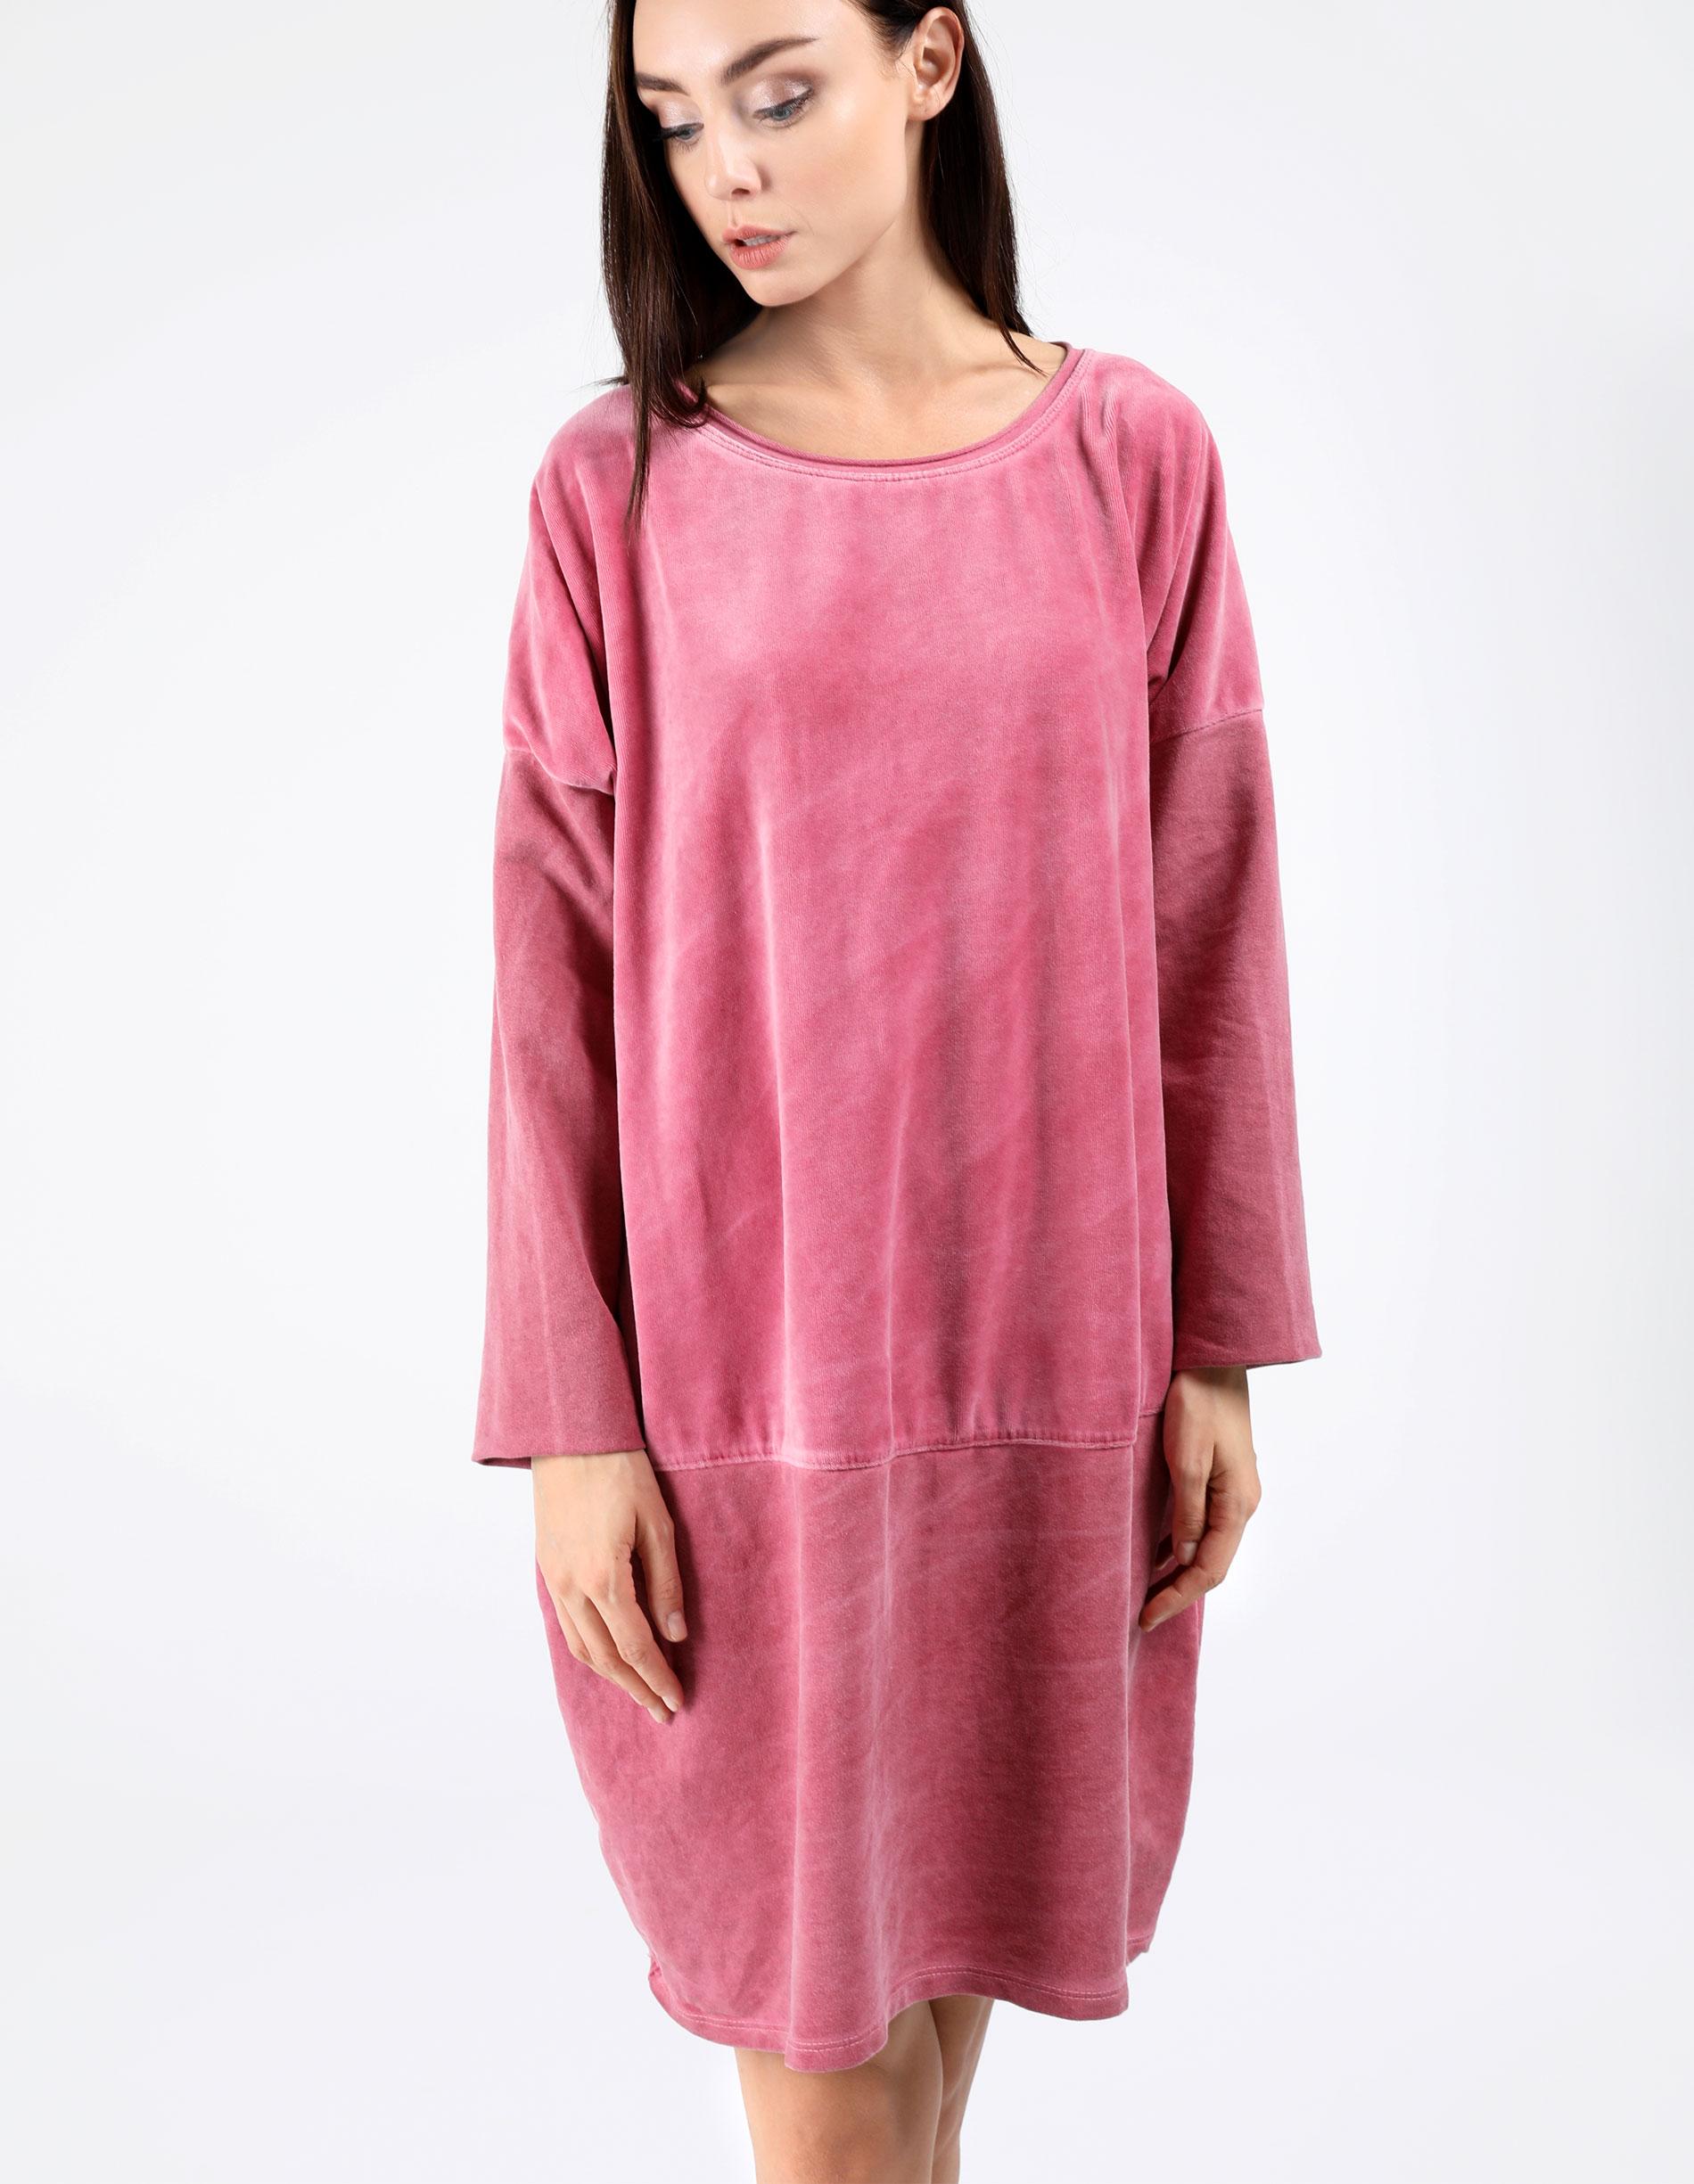 Sukienka - 102-9672 BORD - Unisono